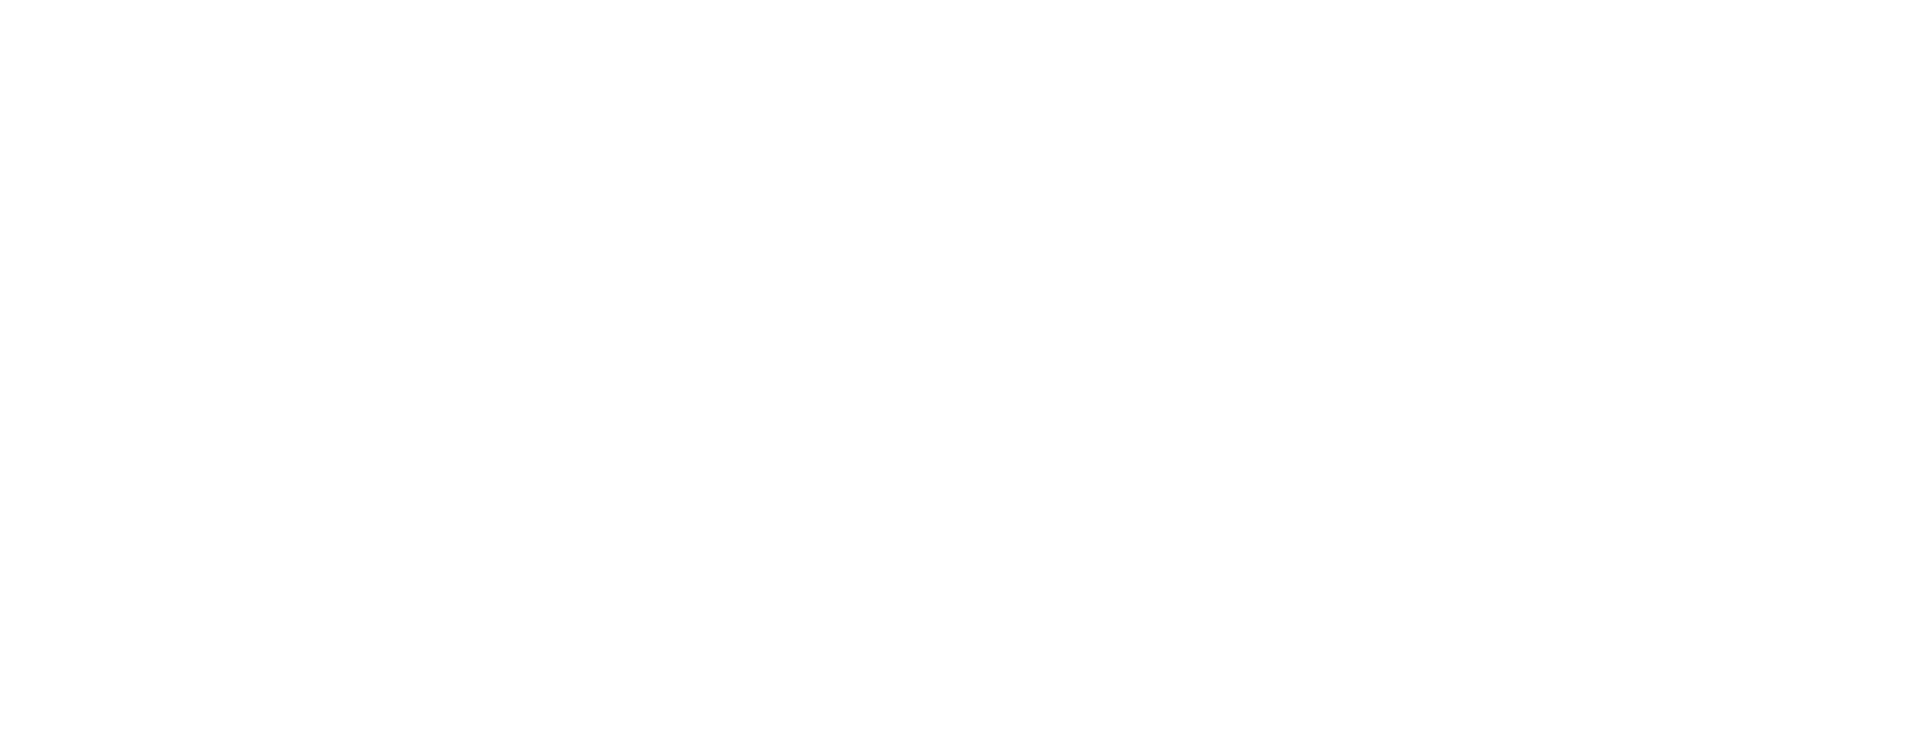 Desktop Placeholder Image